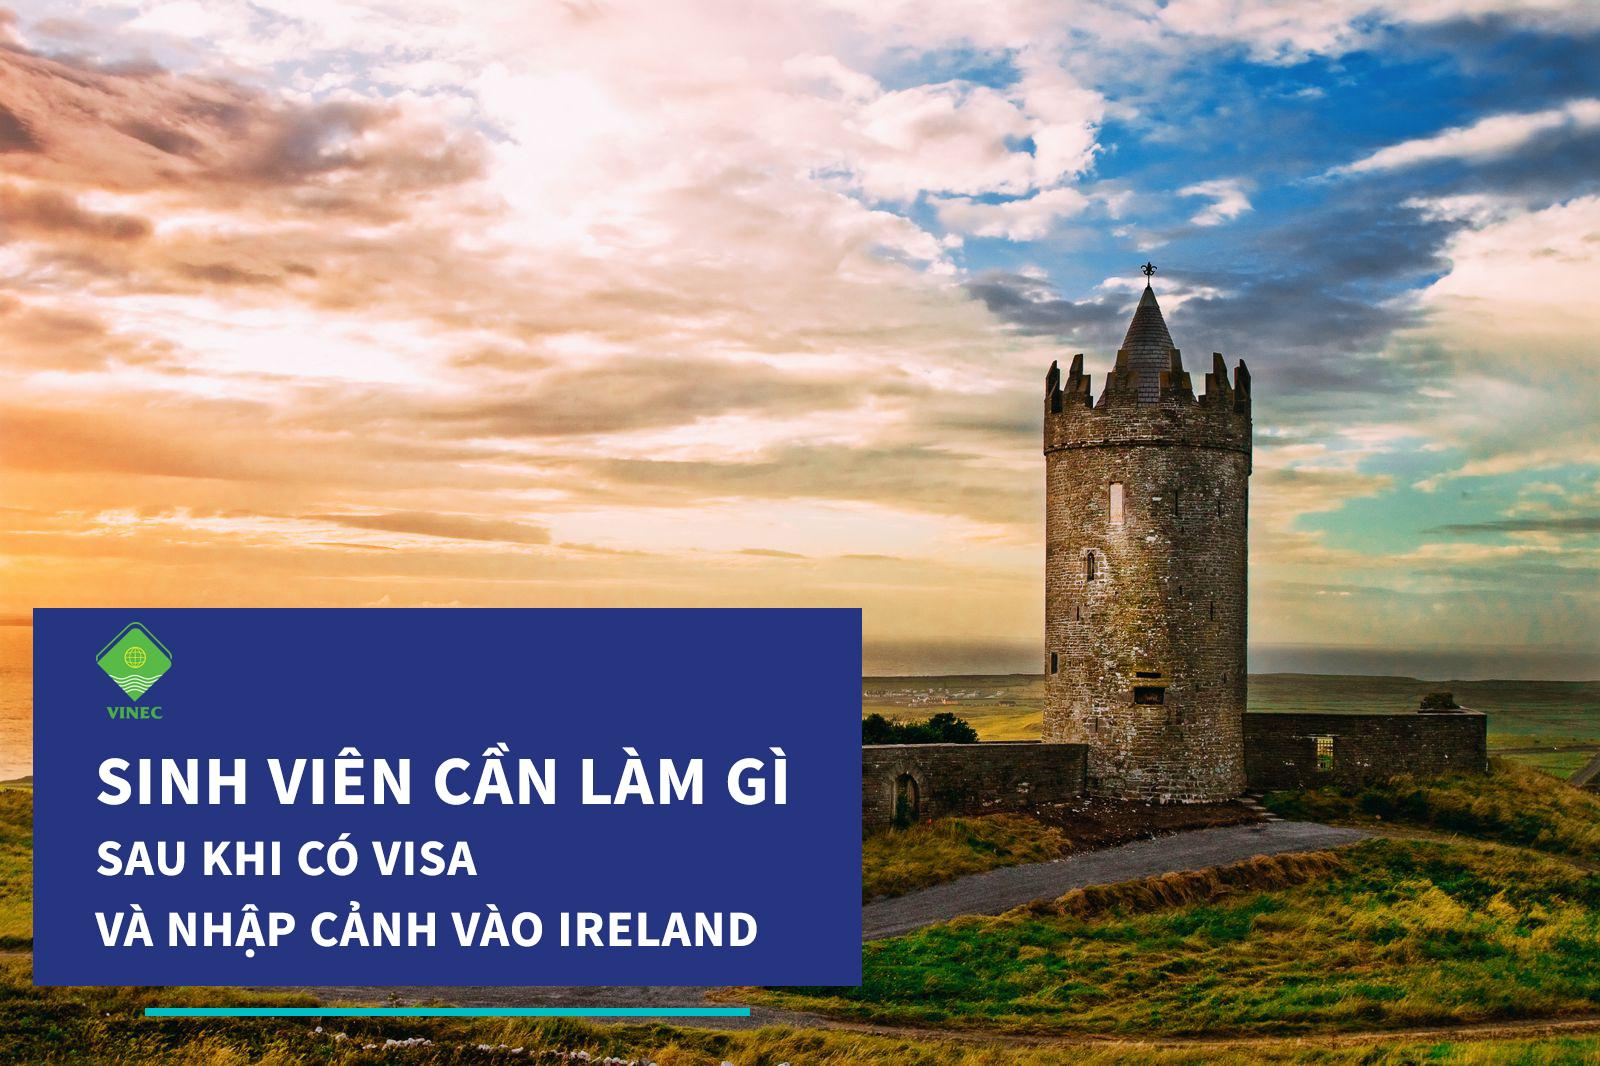 SINH VIÊN CẦN LÀM GÌ SAU KHI CÓ VISA VÀ NHẬP CẢNH VÀO IRELAND